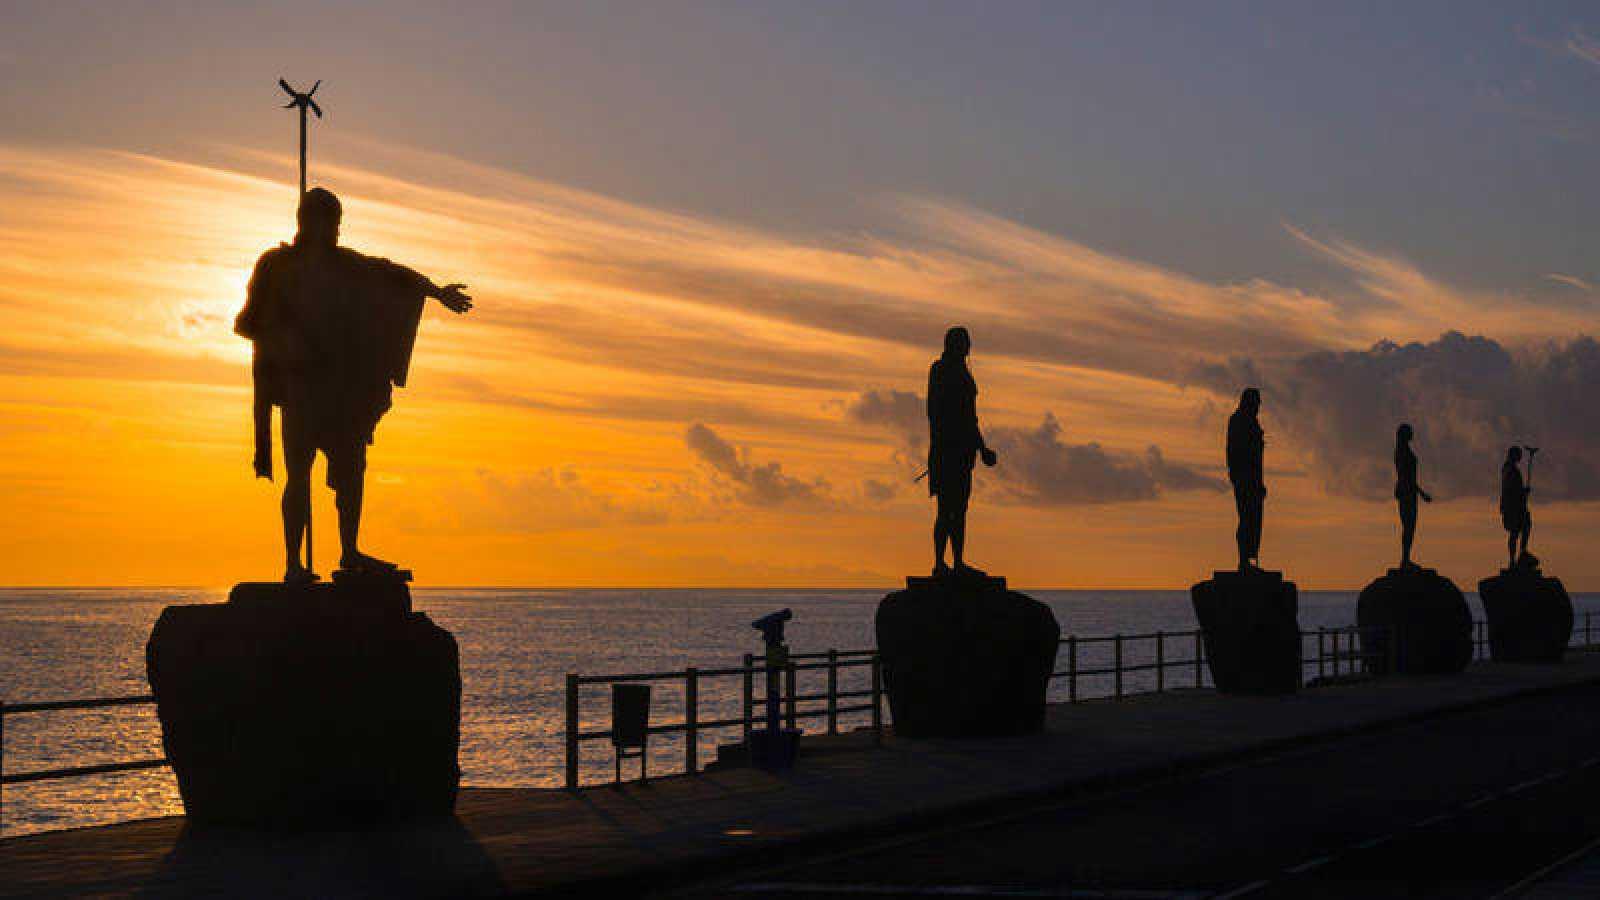 Estatuas de los menceyes guanches erigidas en Candelaria (Tenerife).